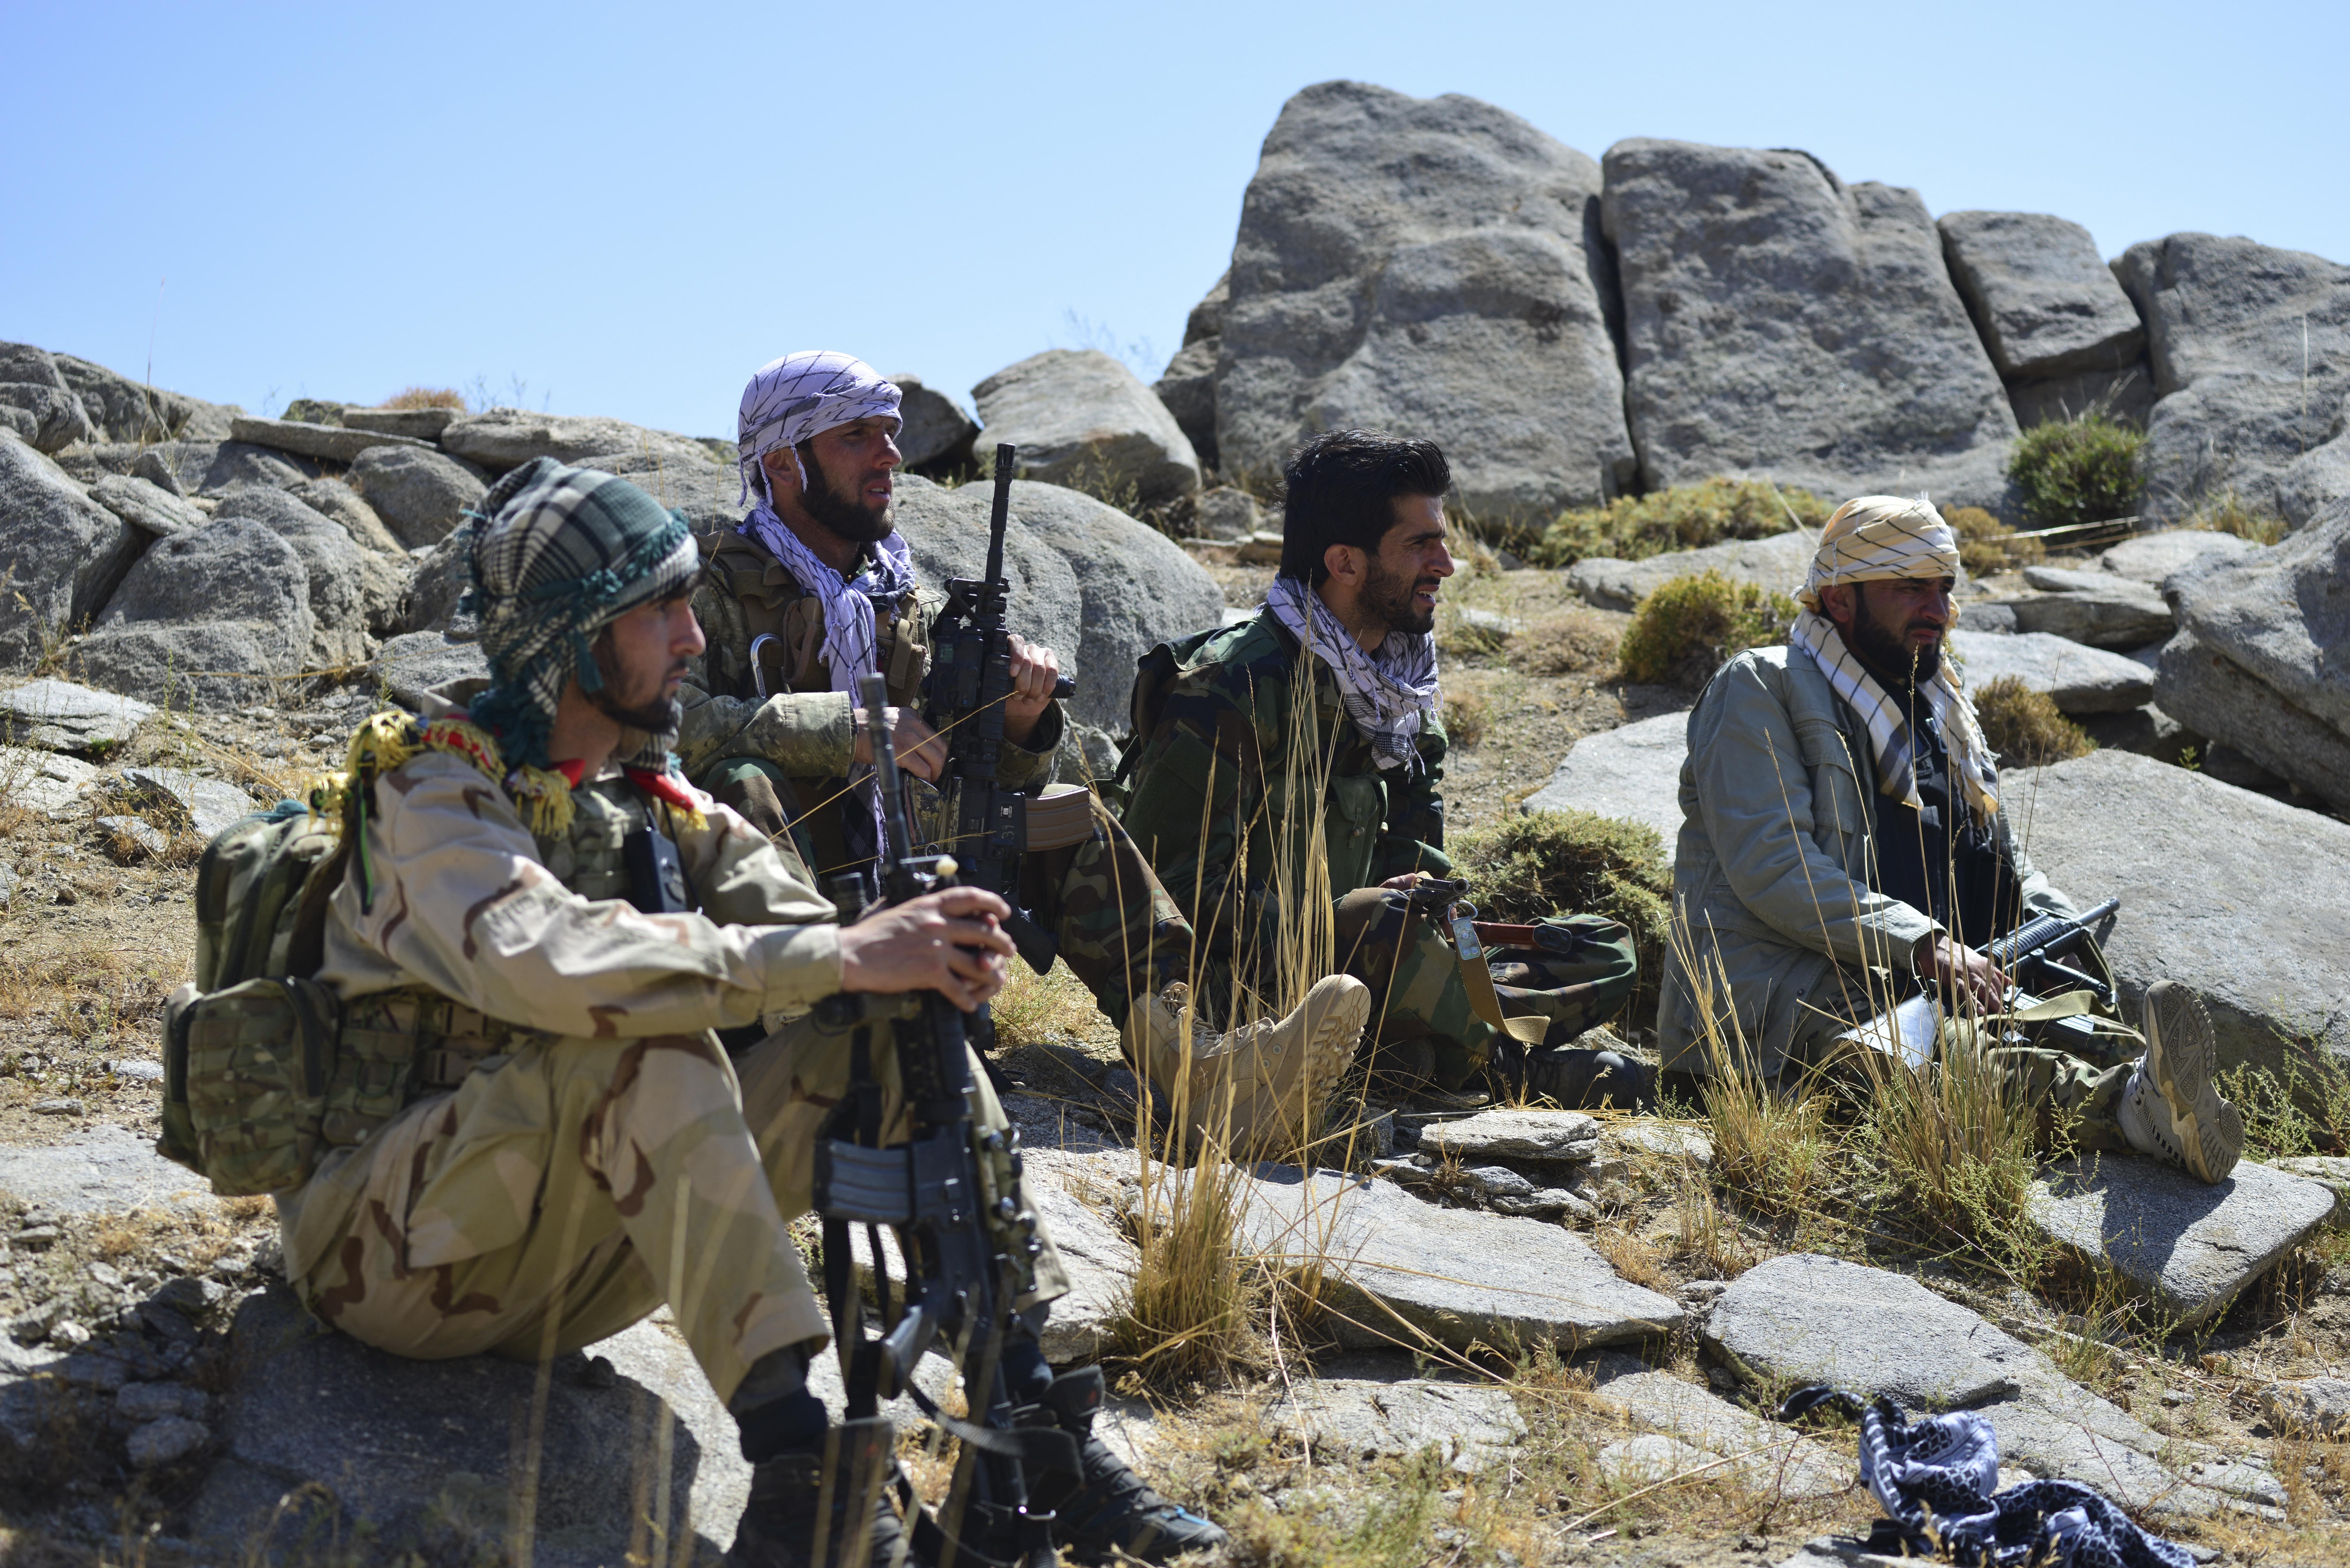 Pandzssírban továbbra is ellenállnak a táliboknak